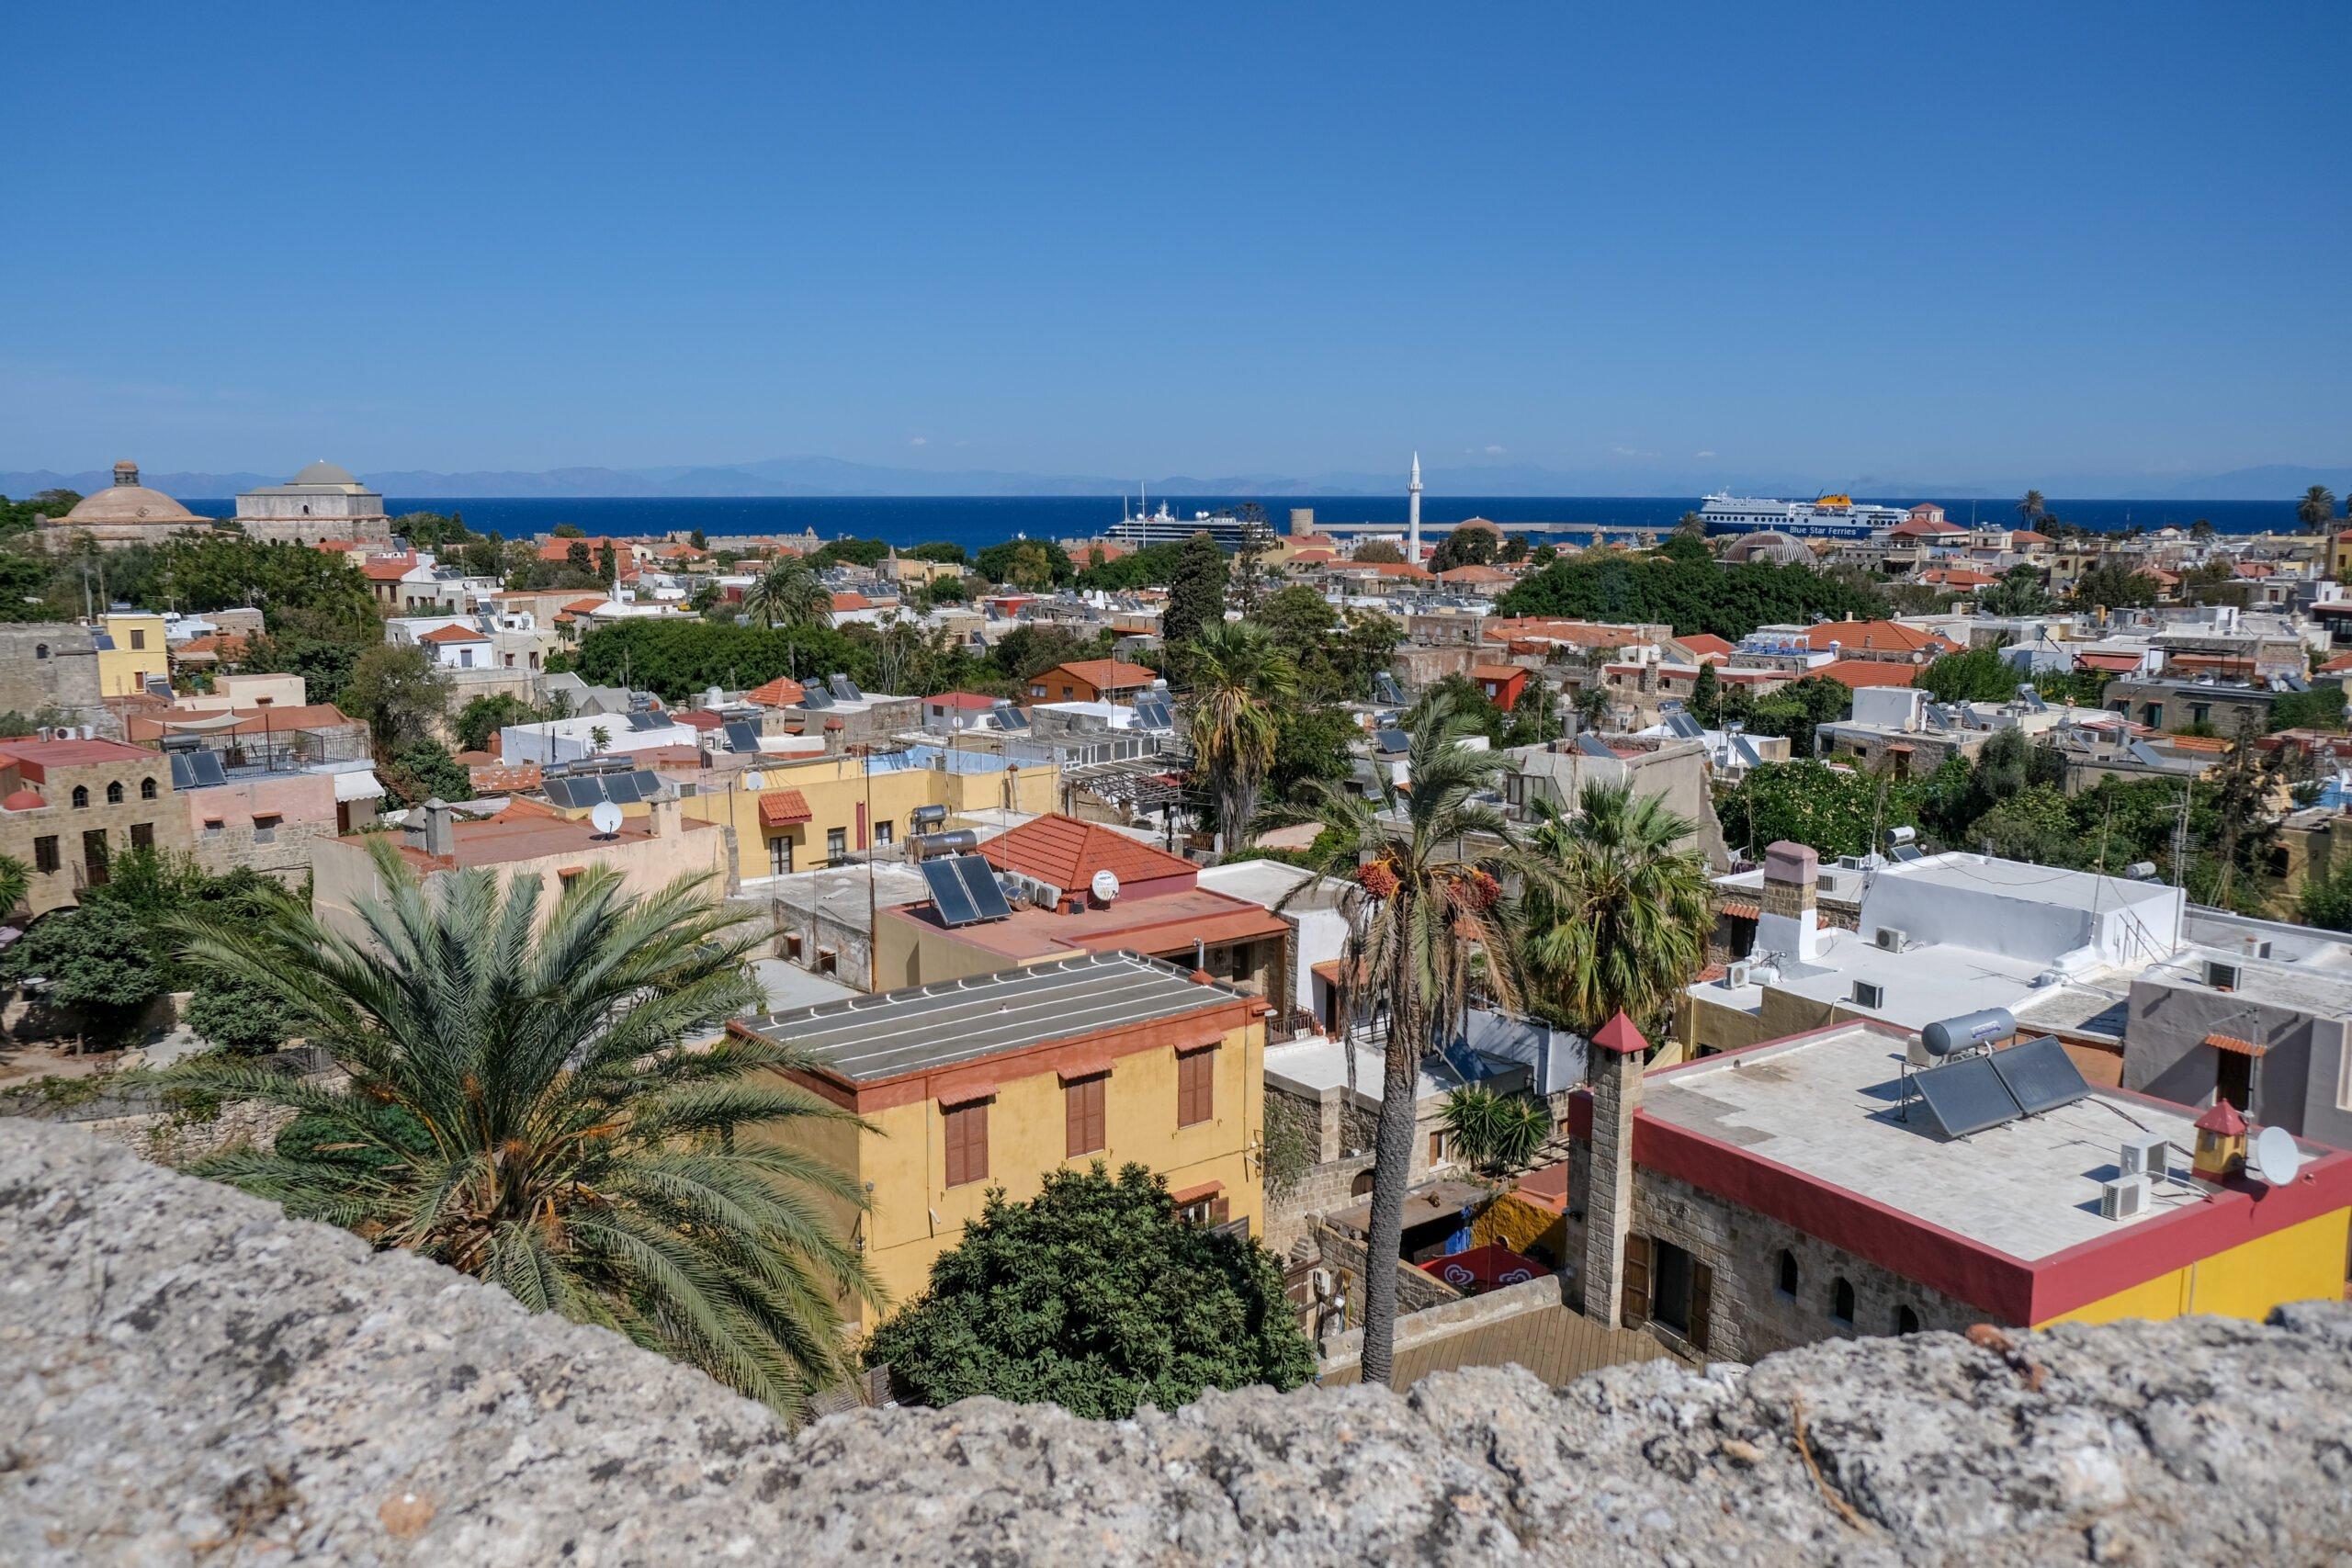 Enjoy Rhodes Amazig Views In Our 3 Day Getaway Rhodes Tour